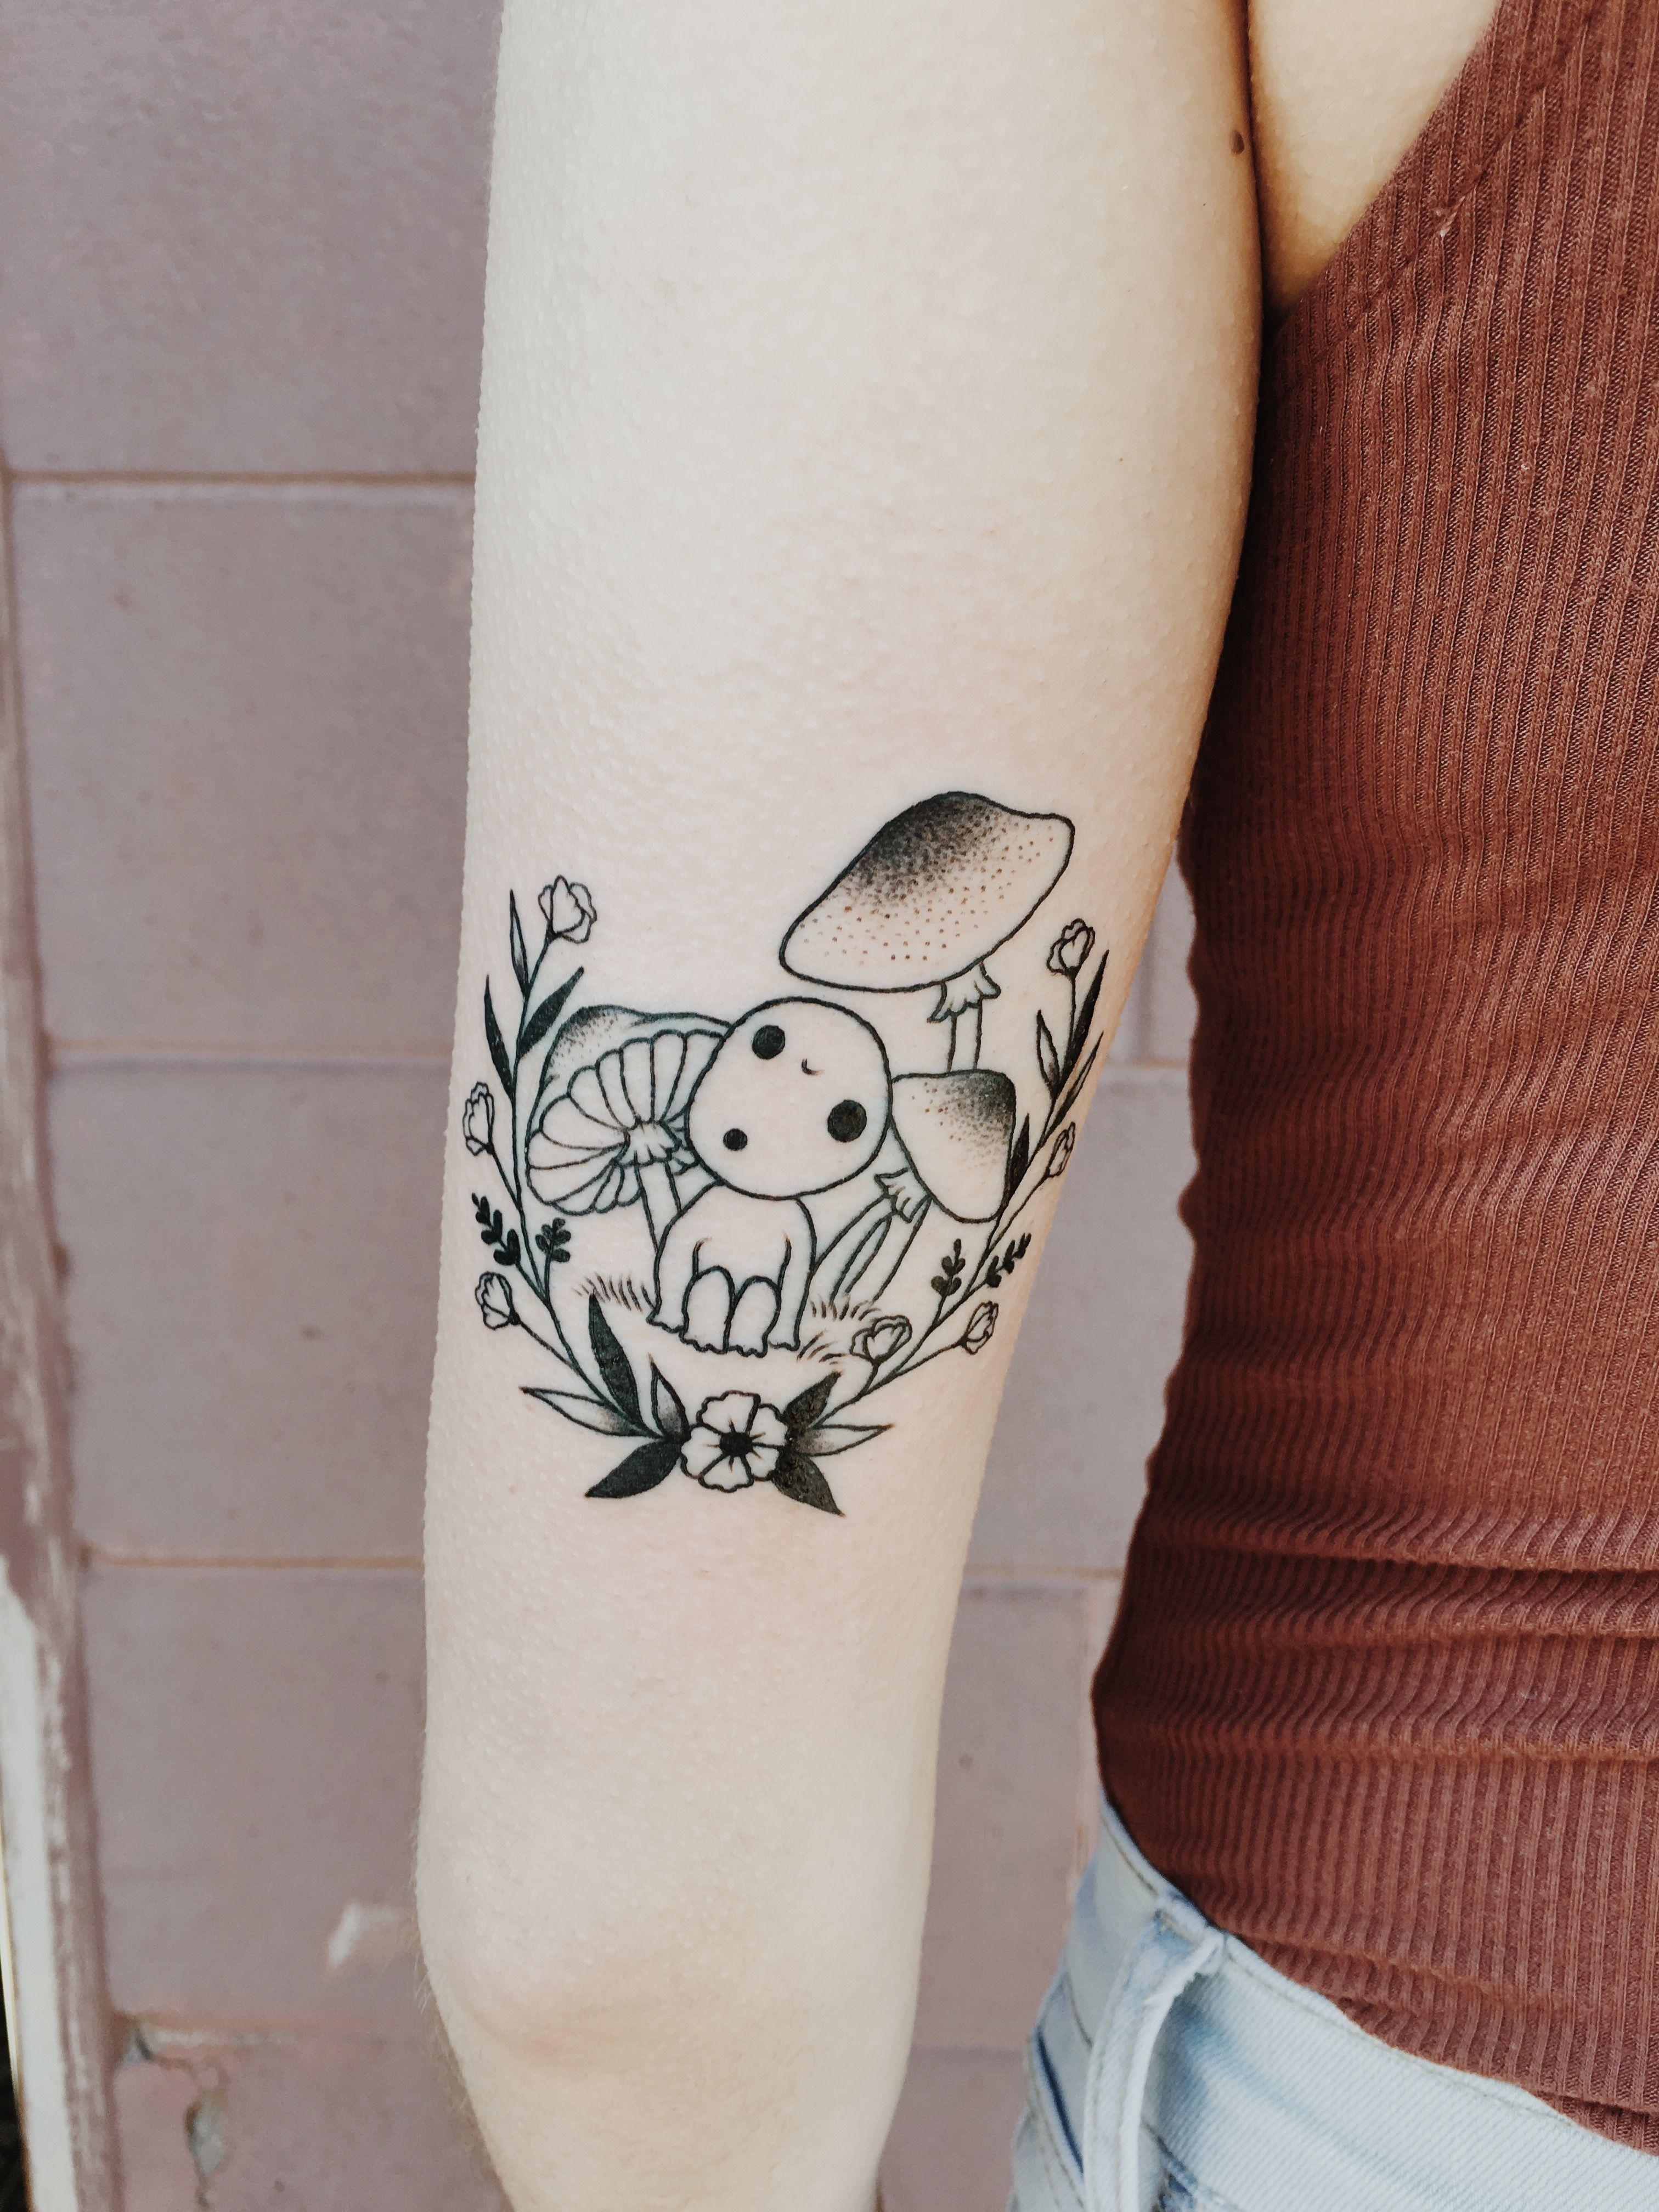 adorables ideas de tatuajes en el brazo diseños unicos de tattoos japoneses para hombres y mujeres en bonitas fotos